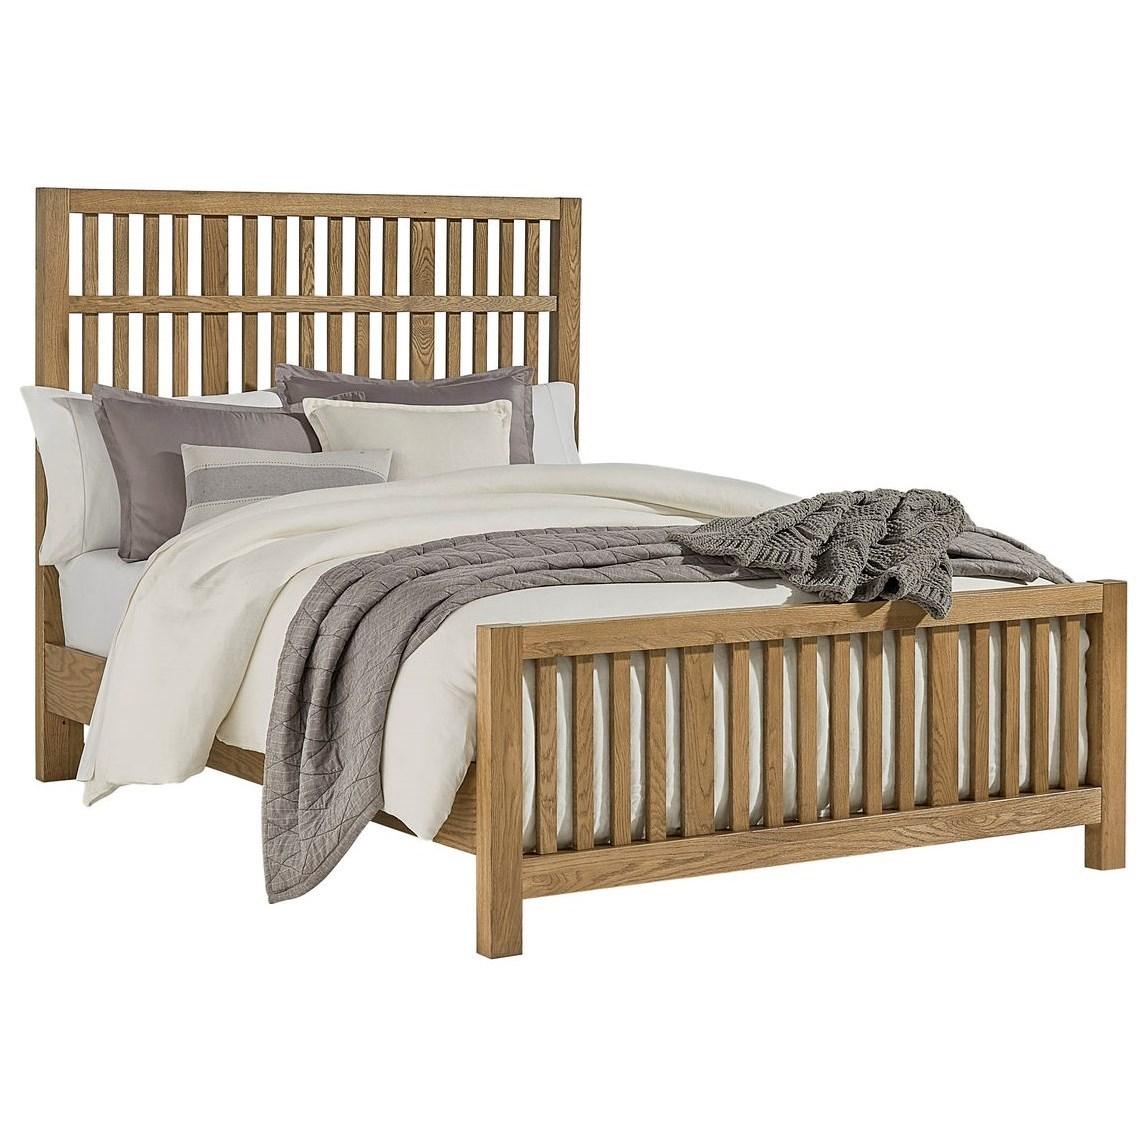 Queen Craftsman Slat Bed